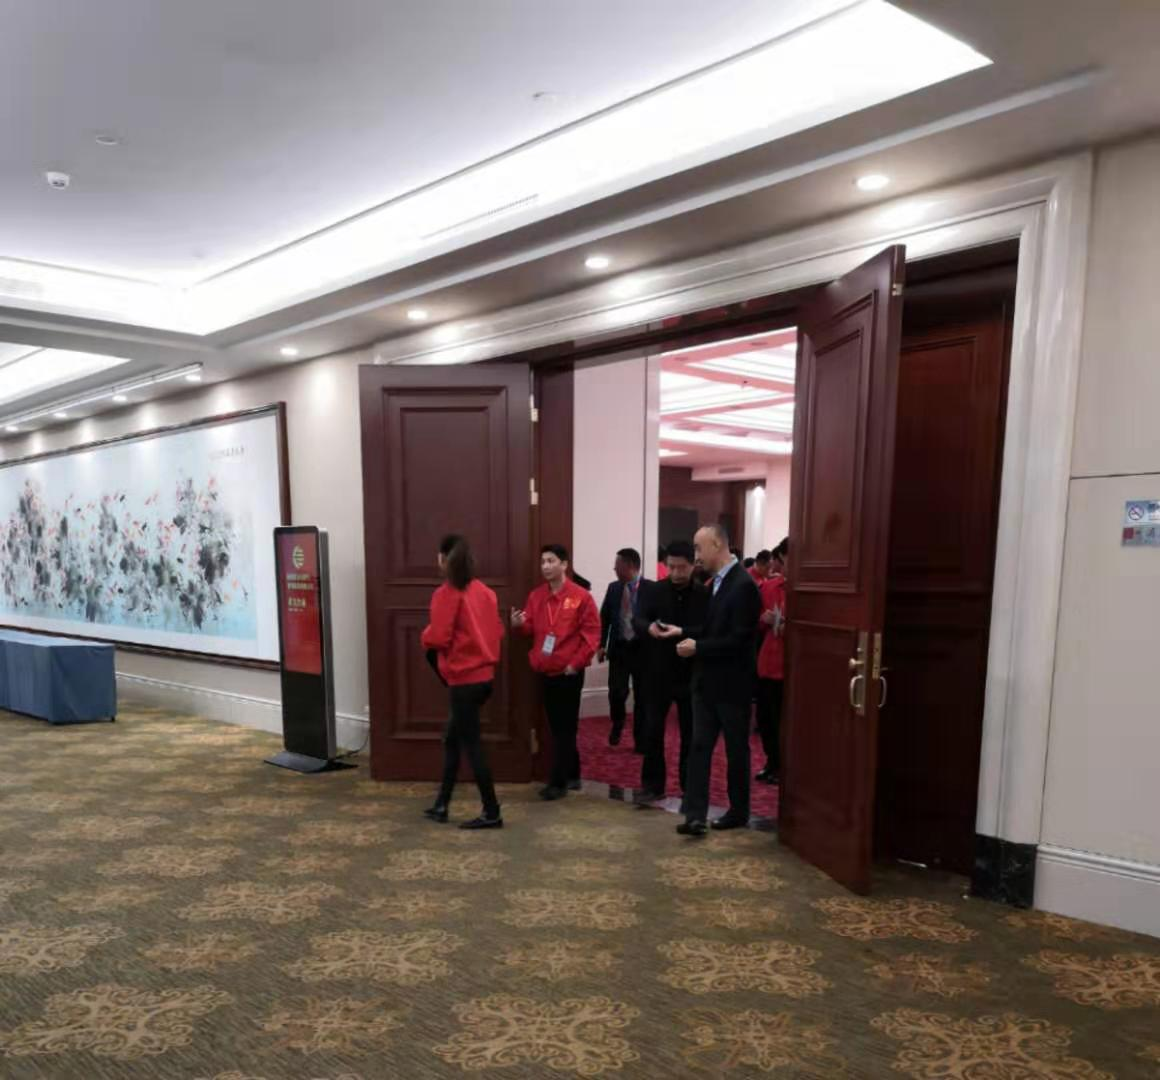 工作人員離開大會議廳 攝影:高歌